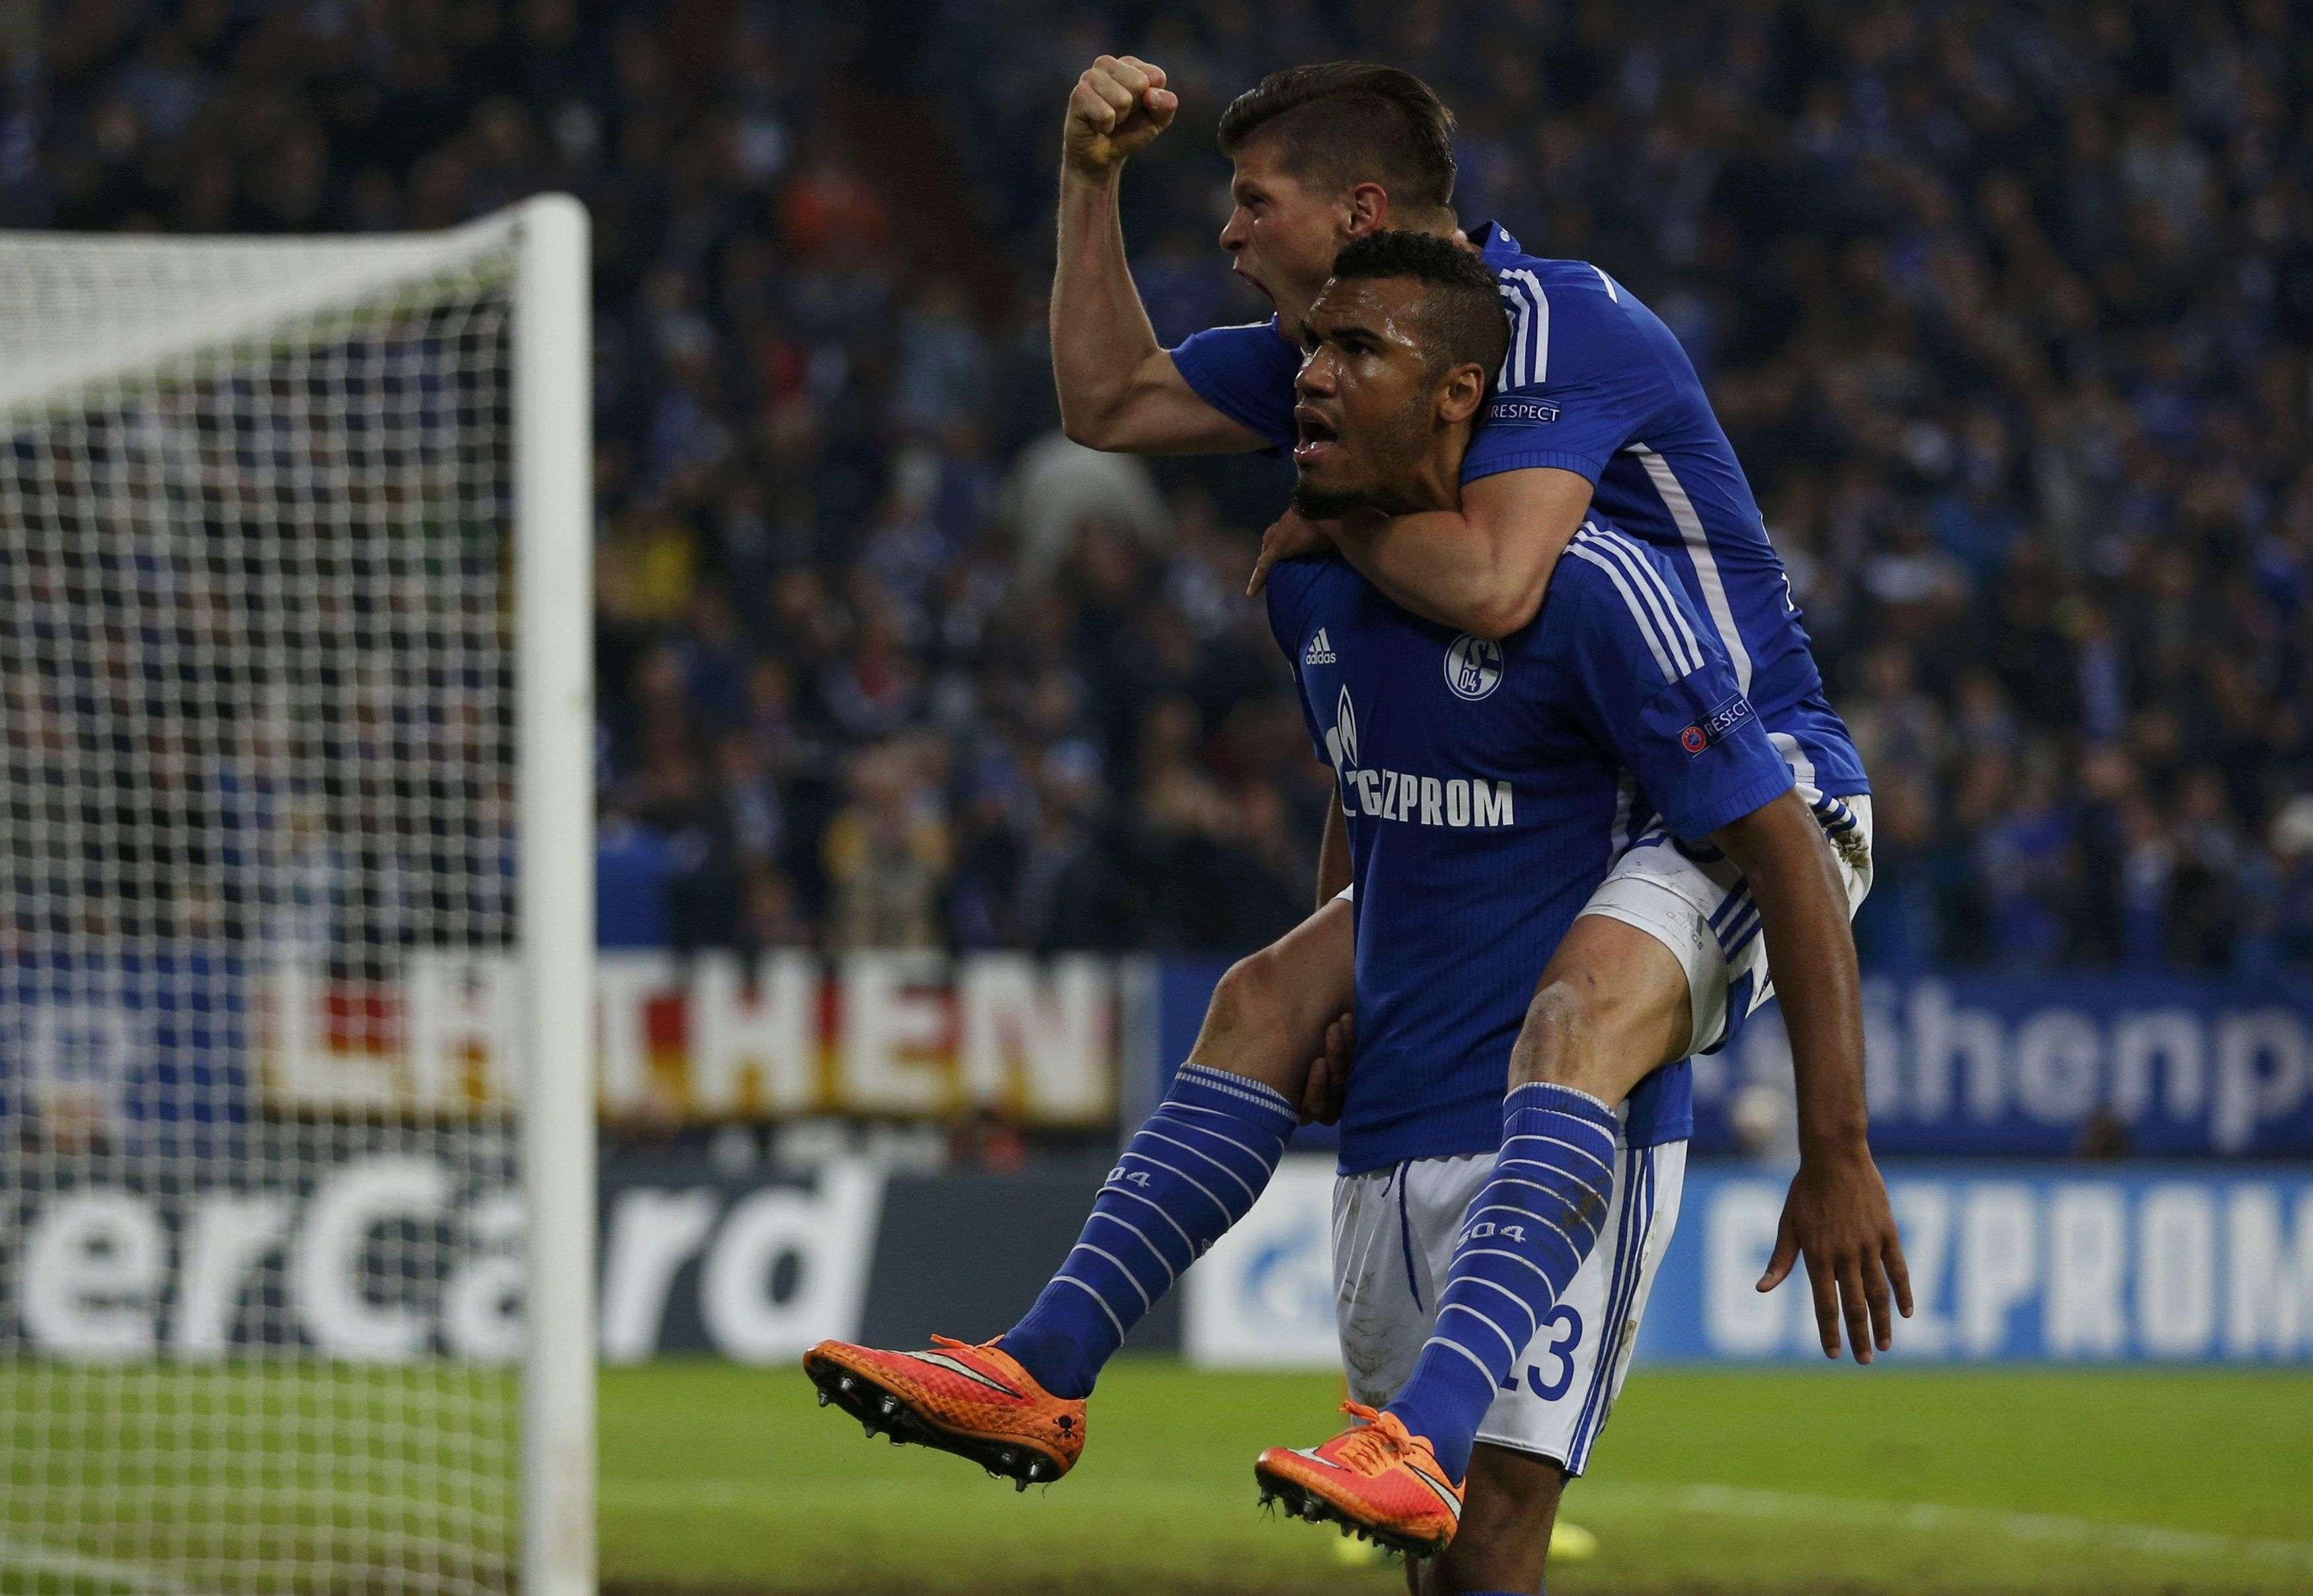 Eric Maxim Choupo-Moting festejó así el gol del triunfo. Foto: Reuters